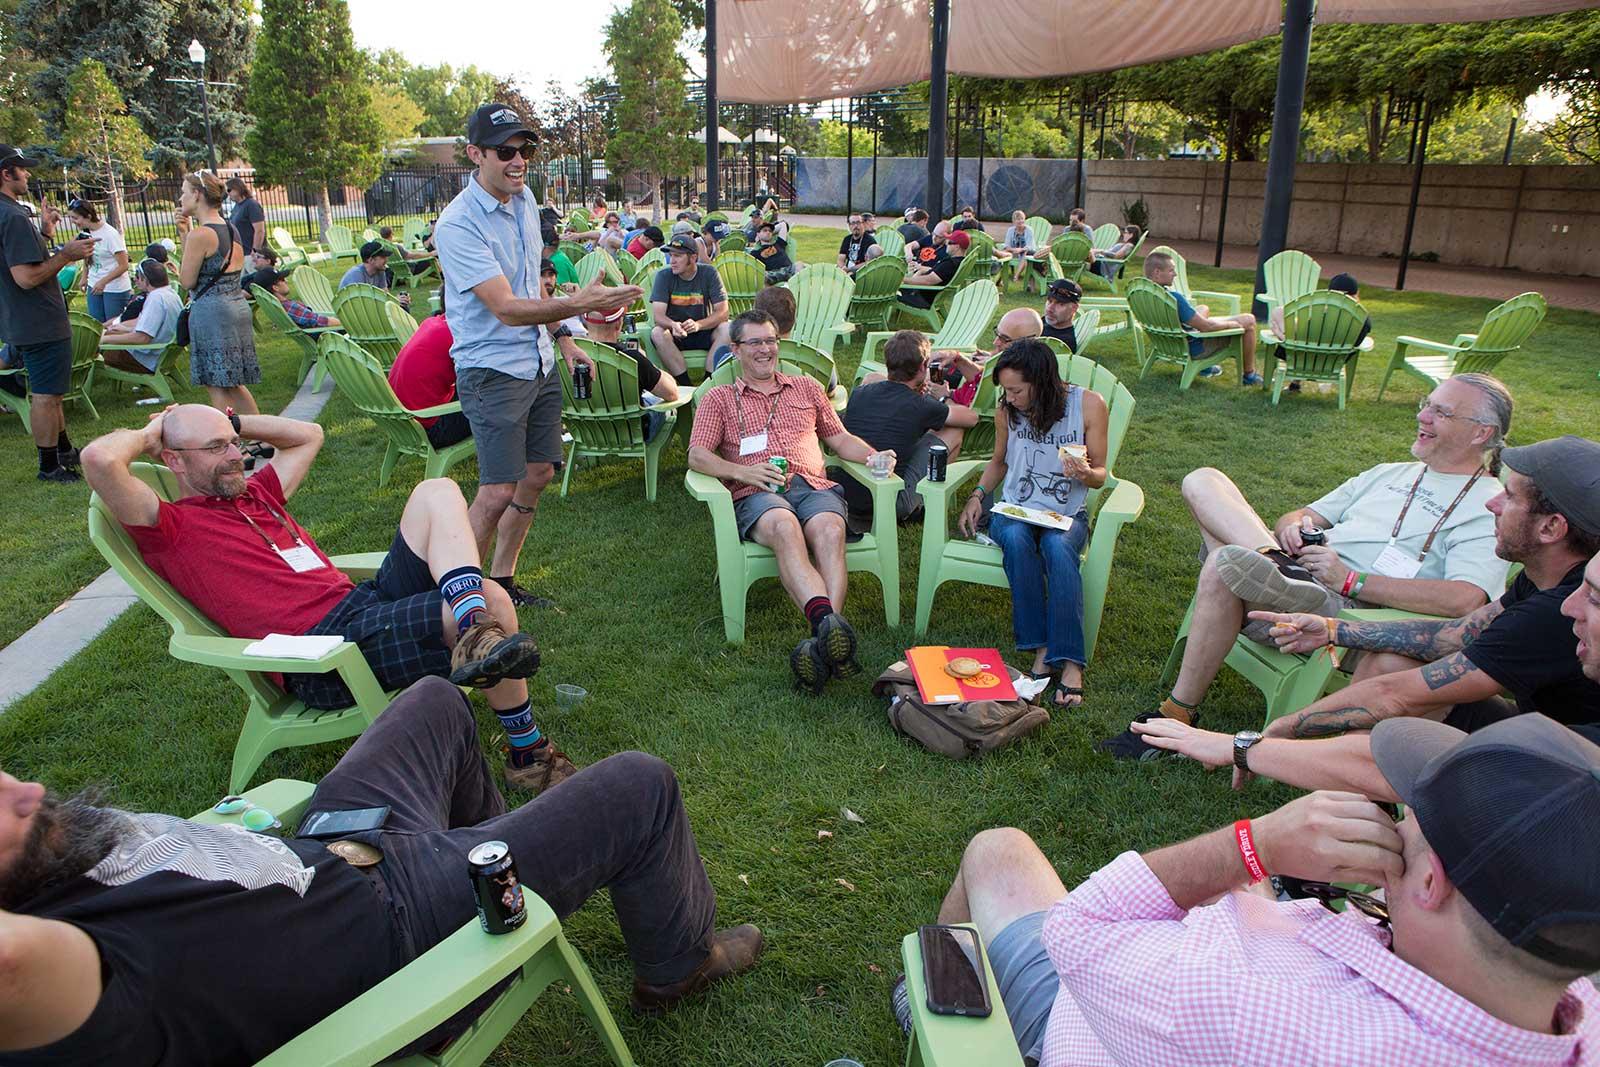 People socializing at SaddleDrive 2015